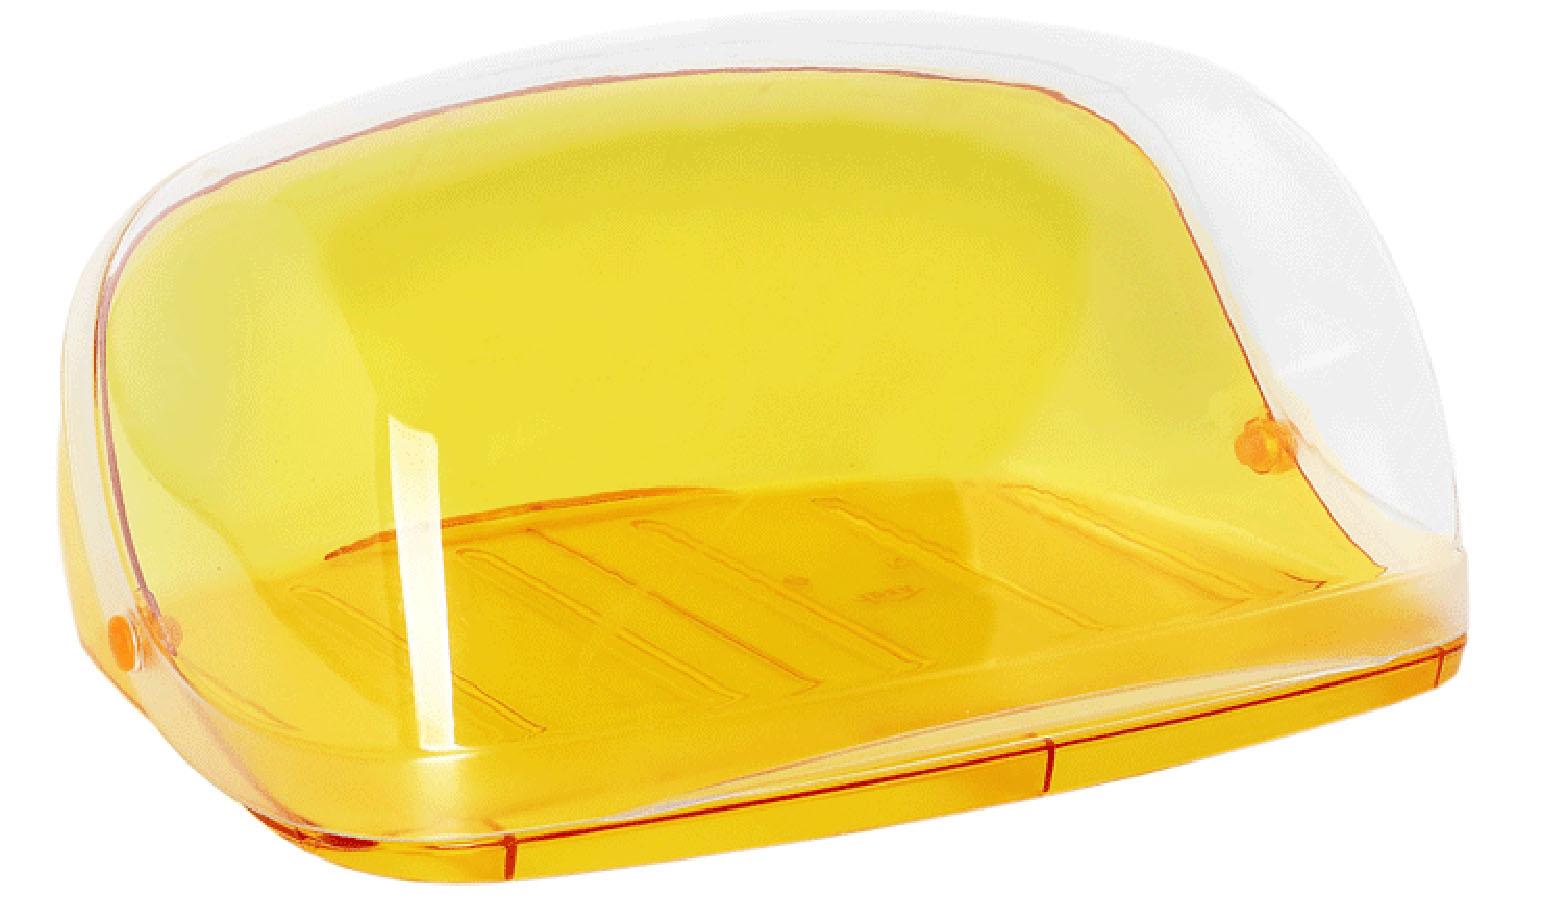 Хлебница Idea Кристалл, цвет: оранжевый, прозрачный, 29 х 25 х 15 смМ 1185Хлебница Idea Кристалл, изготовленная из пищевого пластика, обеспечивает идеальные условия хранения для различных видов хлебобулочных изделий, надолго сохраняя их свежесть. Изделие оснащено плотно закрывающейся крышкой, защищающей продукты от воздействия внешних факторов (запахов и влаги). Вместительность, функциональность и стильный дизайн позволят хлебнице стать не только незаменимым аксессуаром на кухне, но и предметом украшения интерьера. В ней хлеб всегда останется свежим и вкусным.